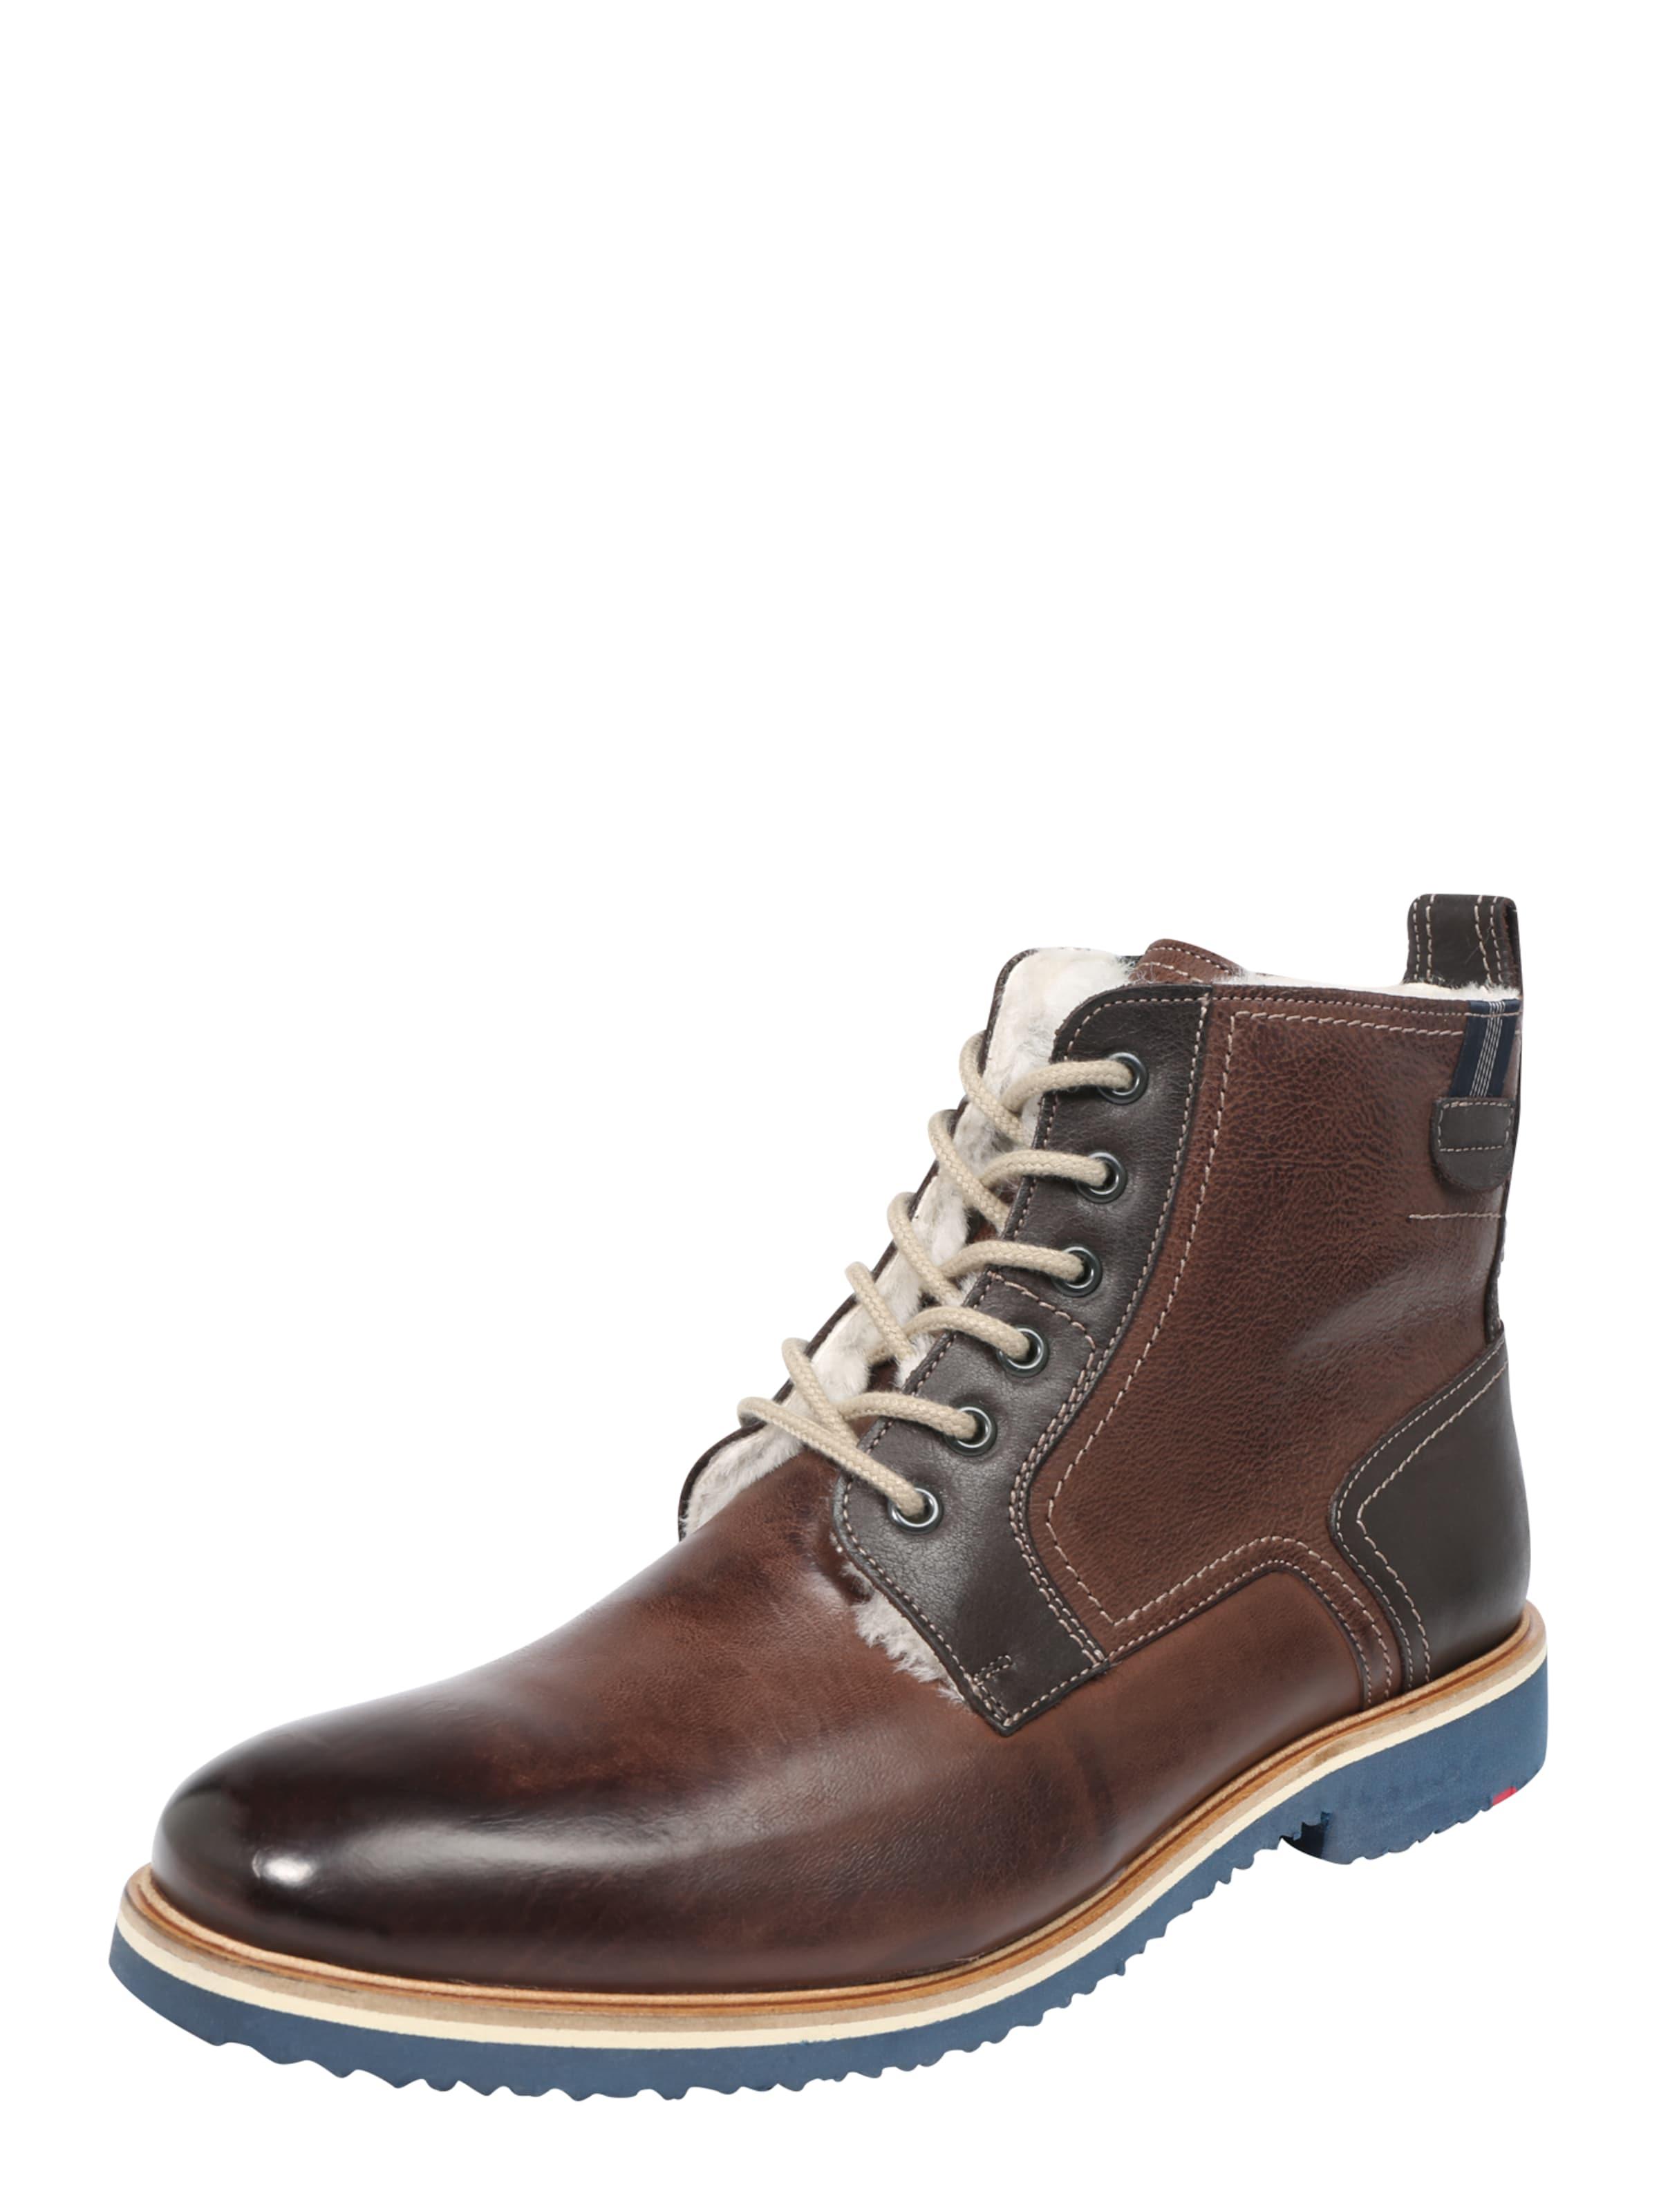 LLOYD Stiefelette Fedan Verschleißfeste billige Schuhe